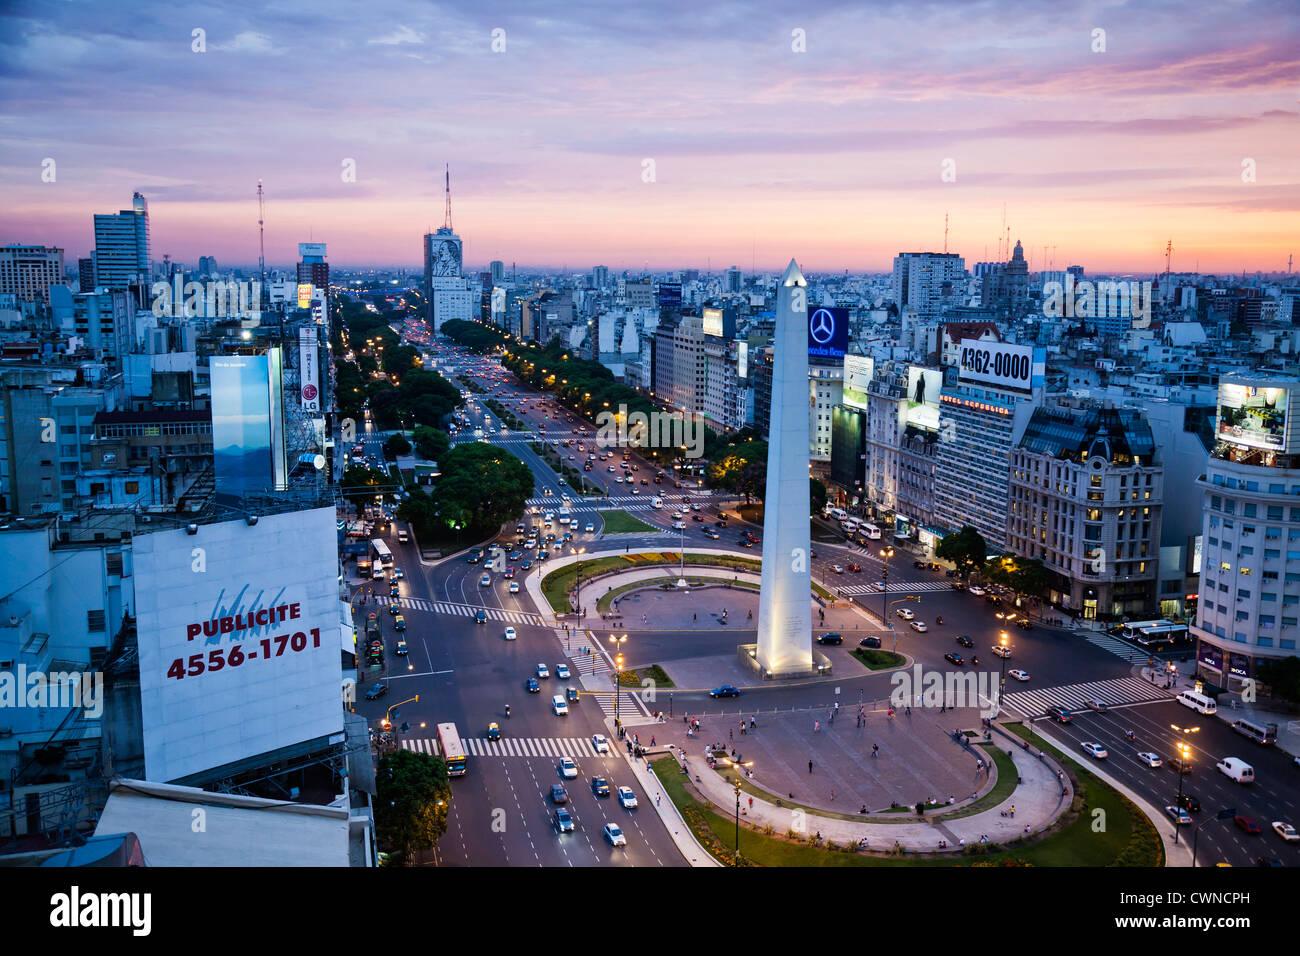 Vue sur l'Avenida 9 de Julio et de l'obélisque à la Plaza Republica, Buenos Aires, Argentine. Photo Stock